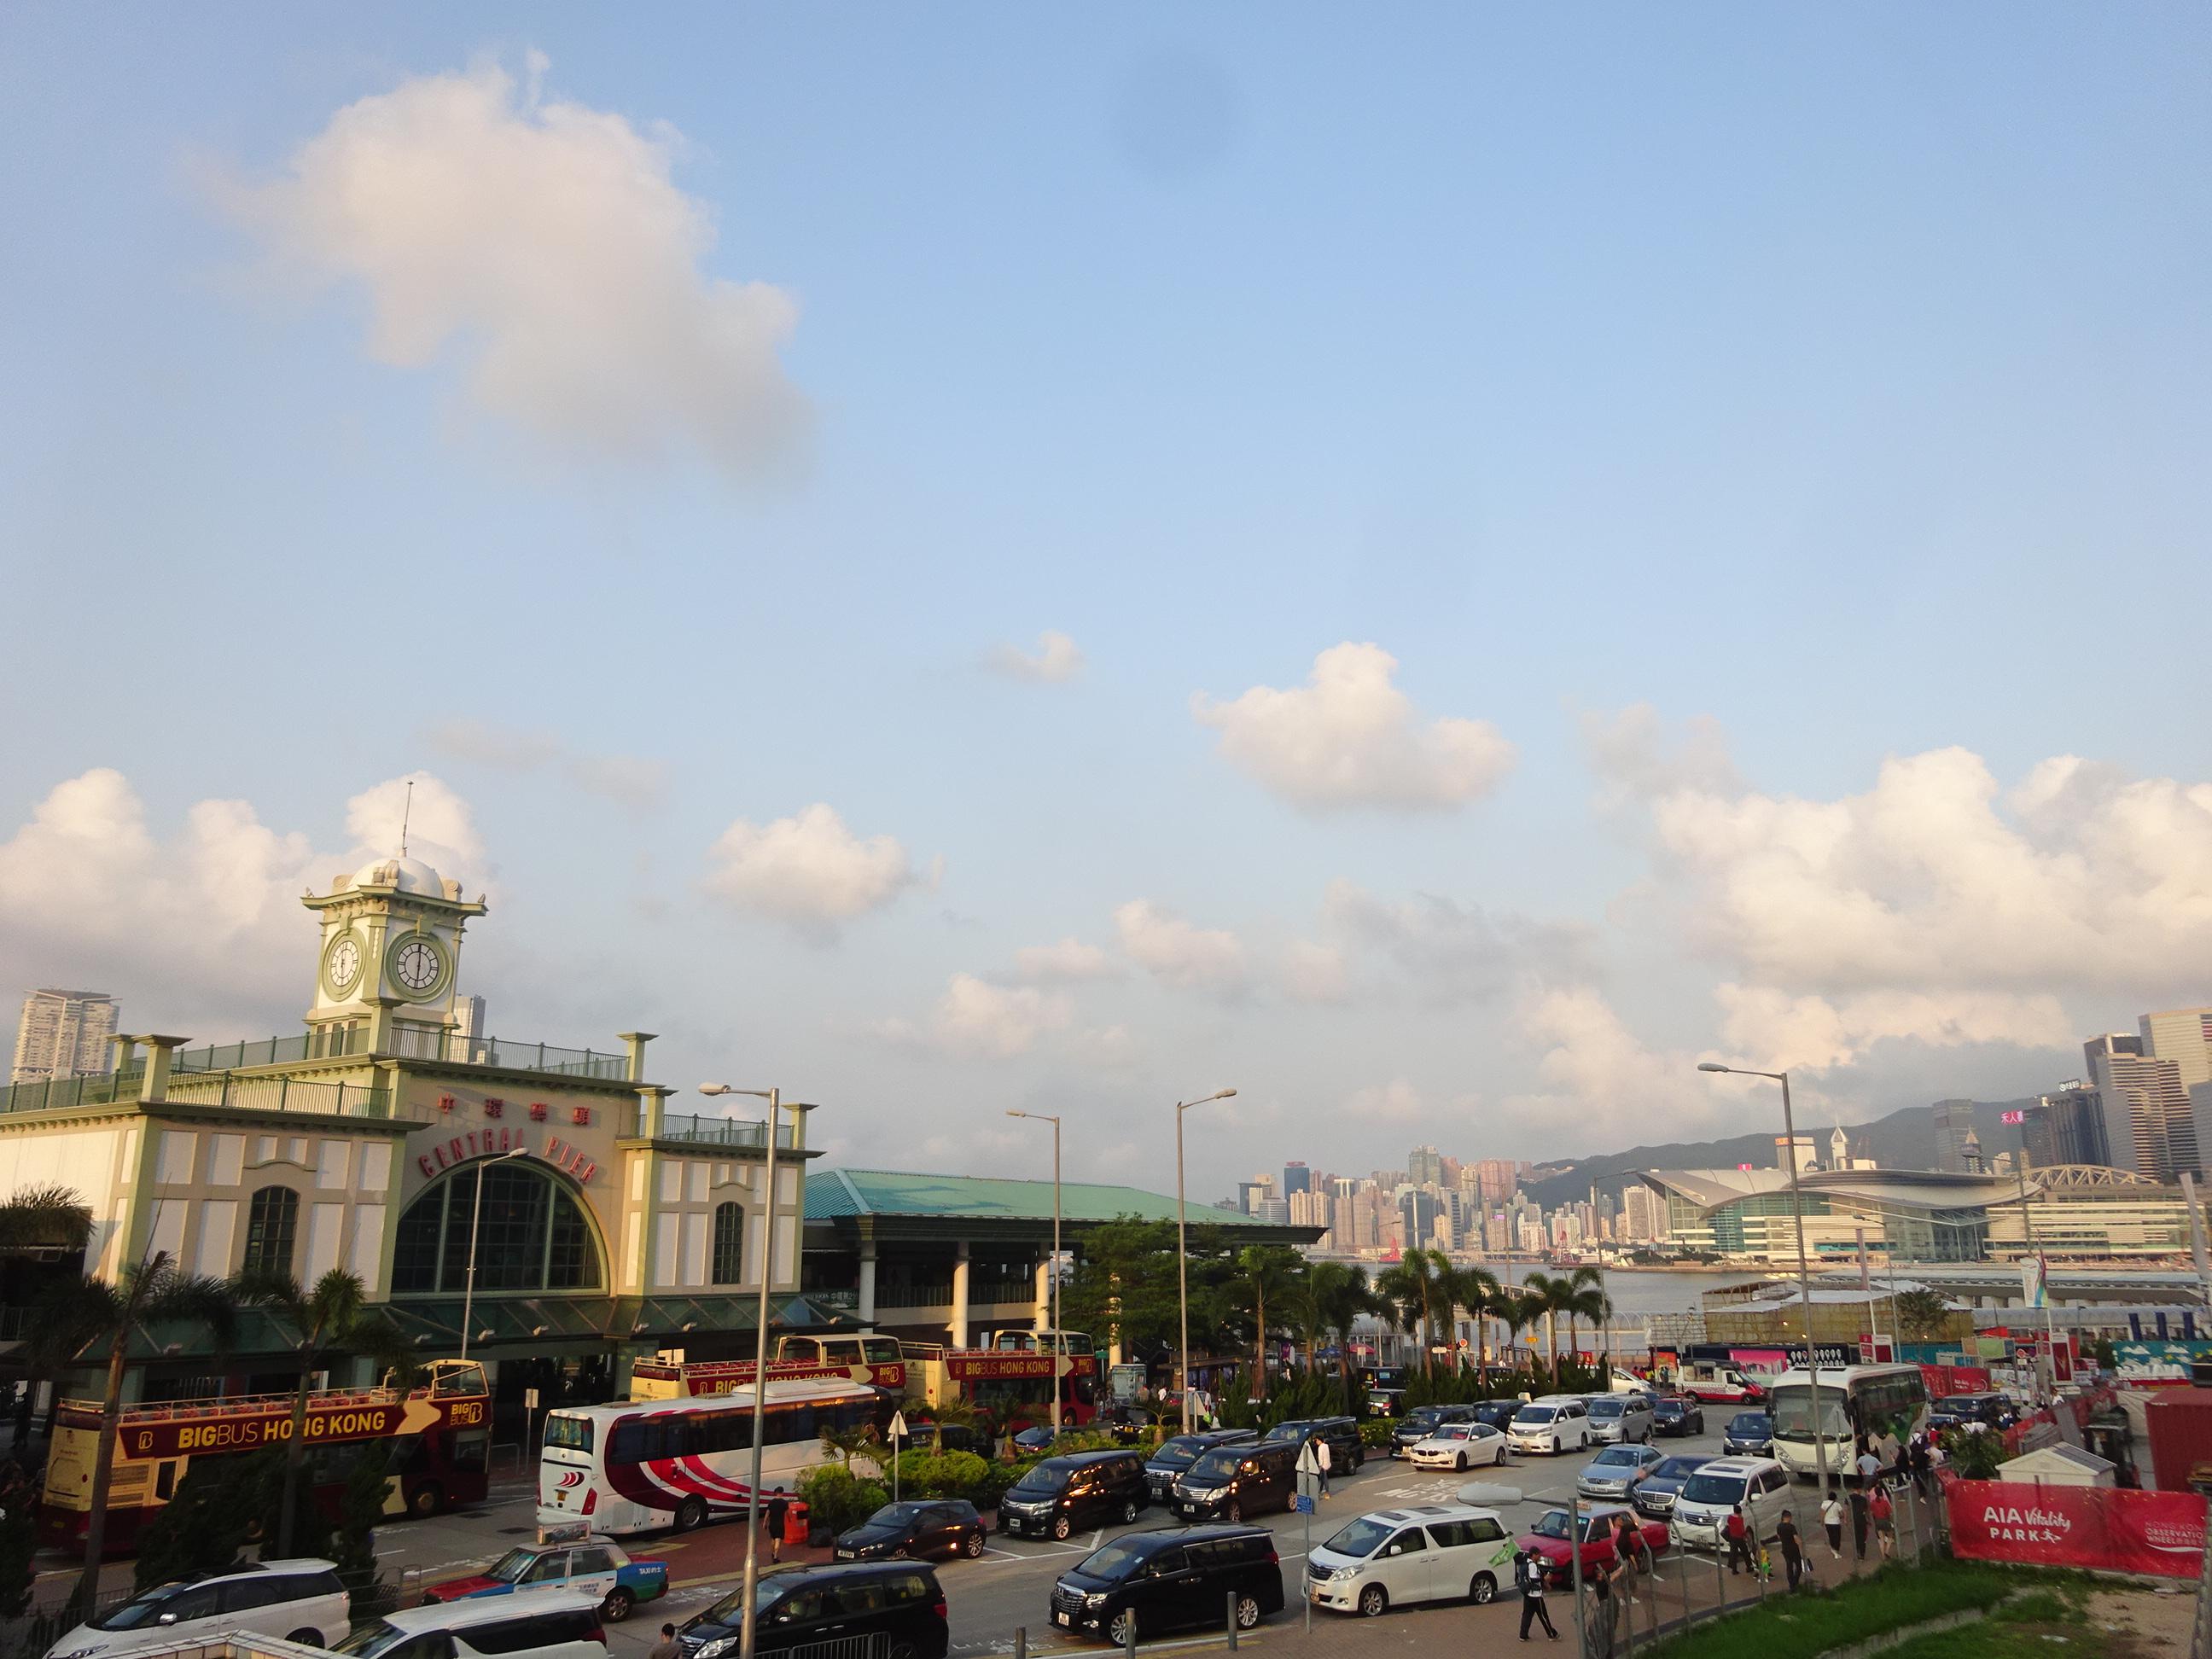 スターフェリー(天星小輪・Star Ferry)乗り場付近の景色